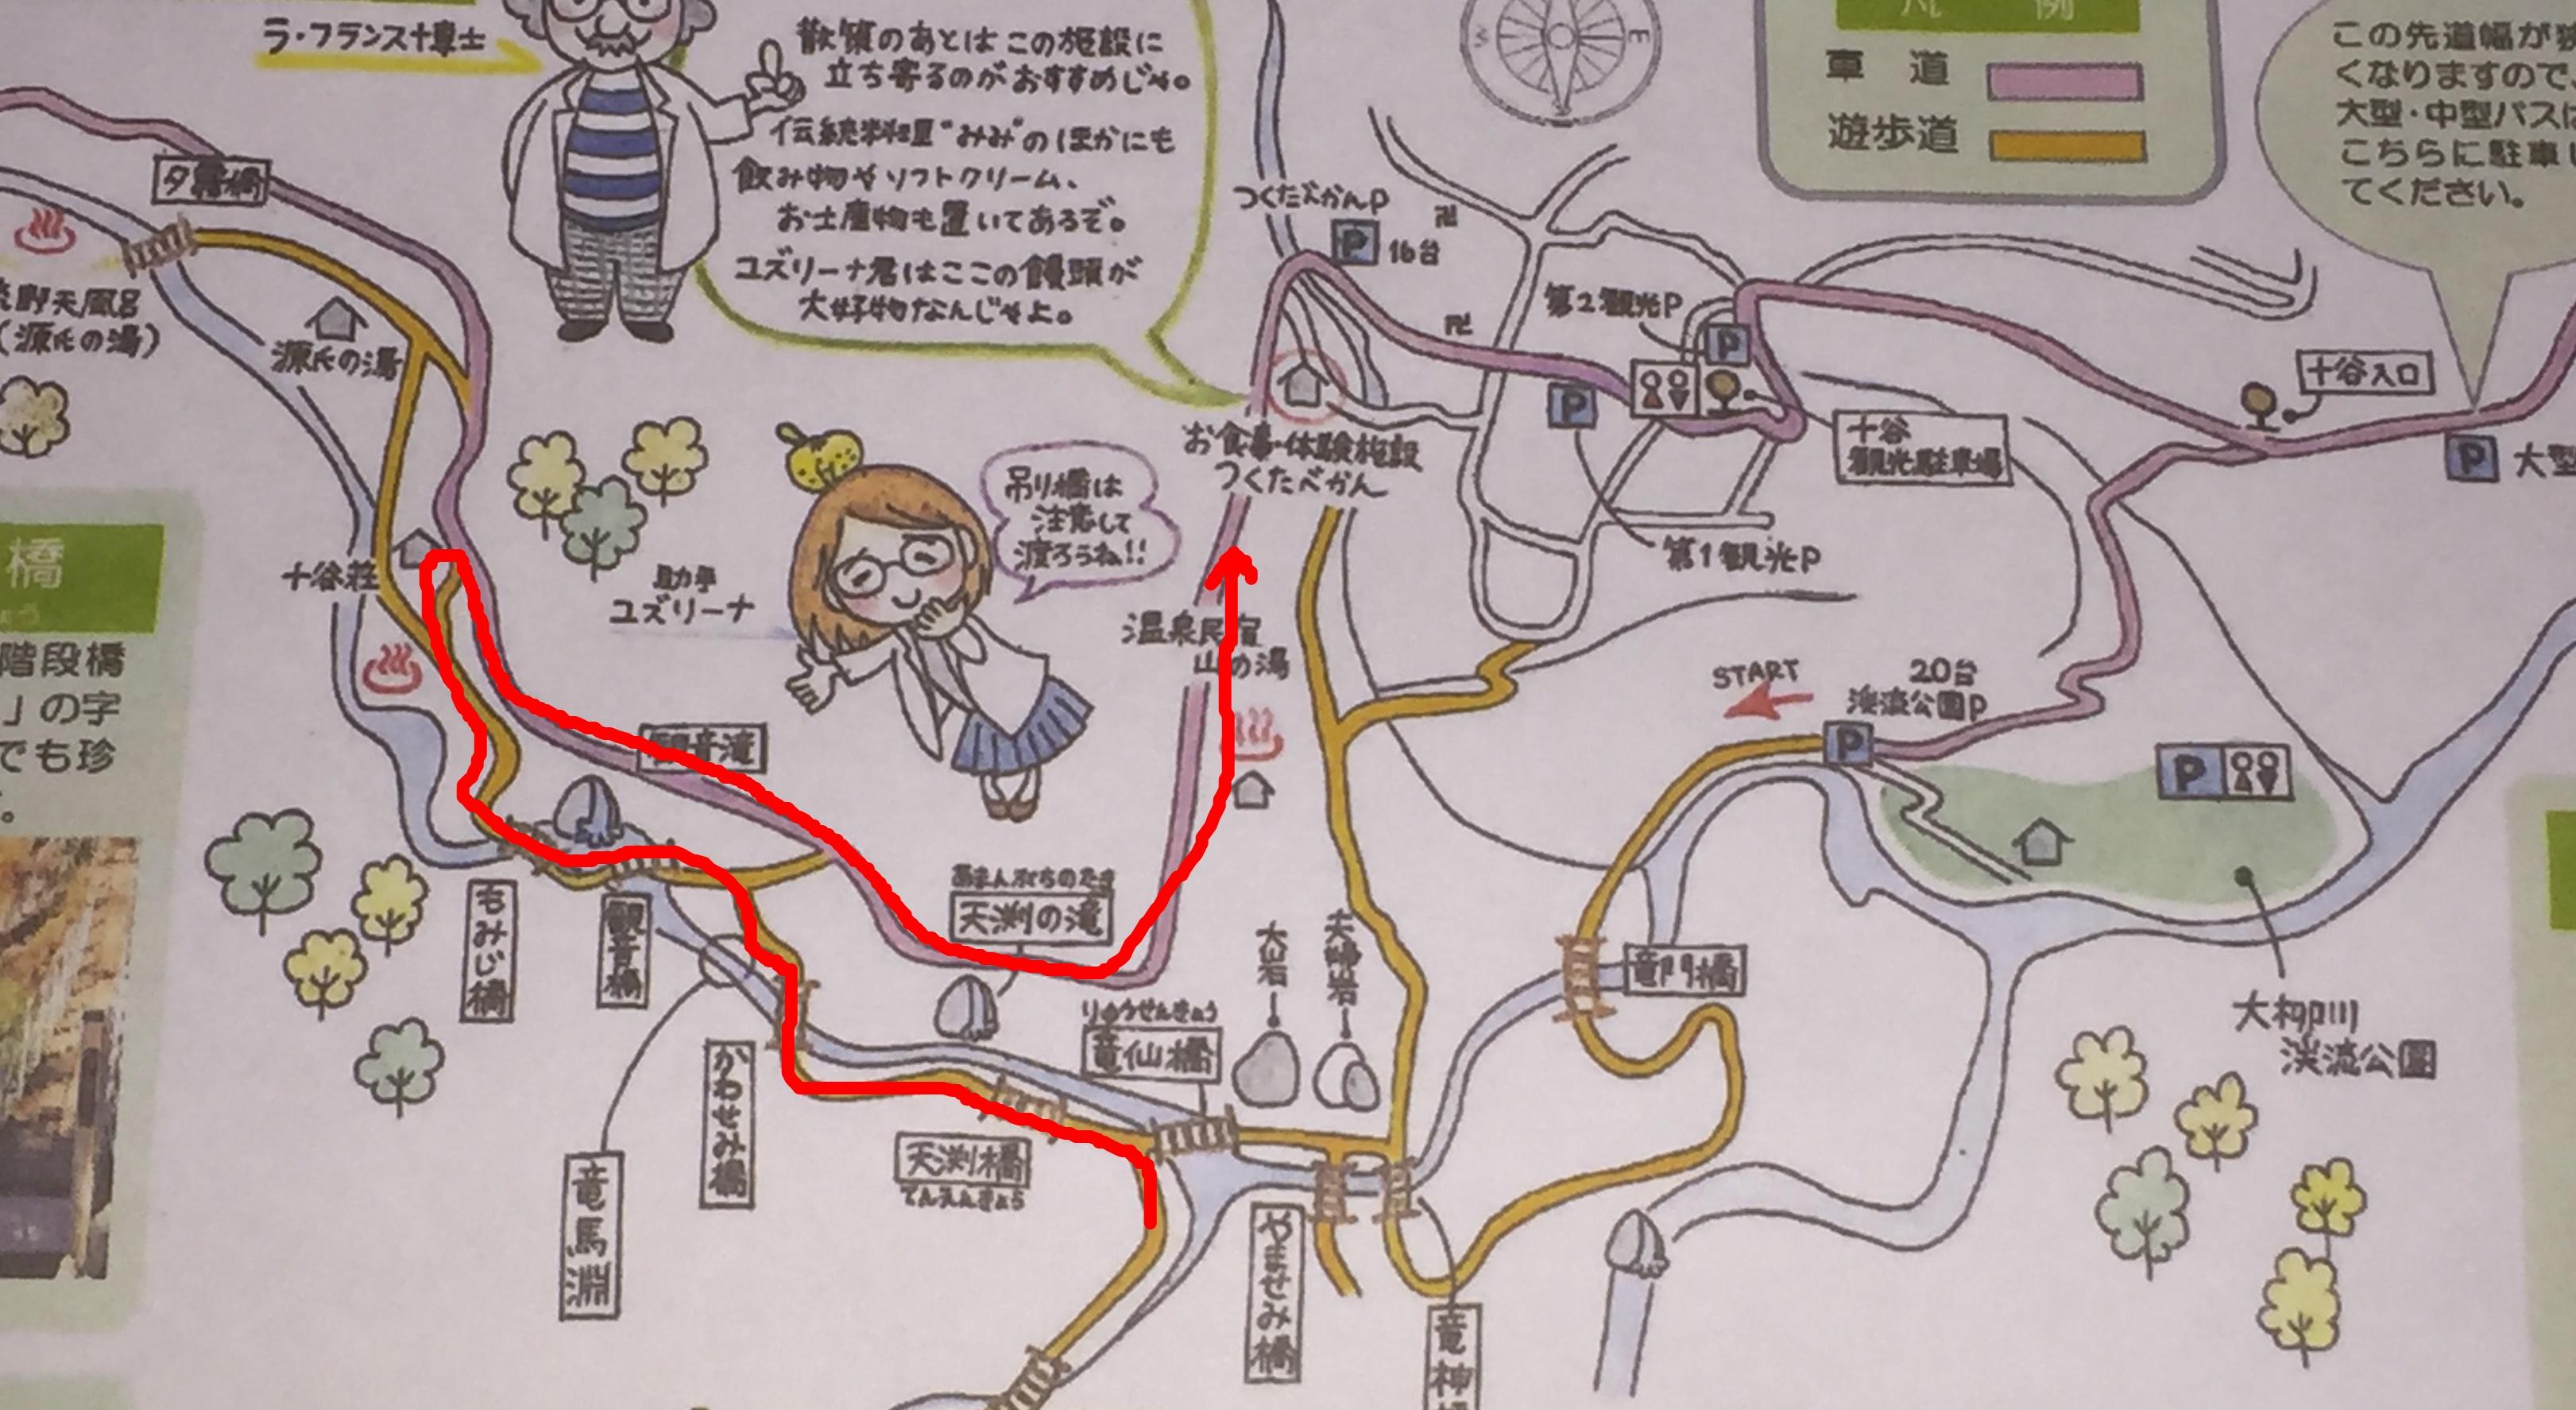 大柳川渓谷を歩く③つり橋散策コースへ